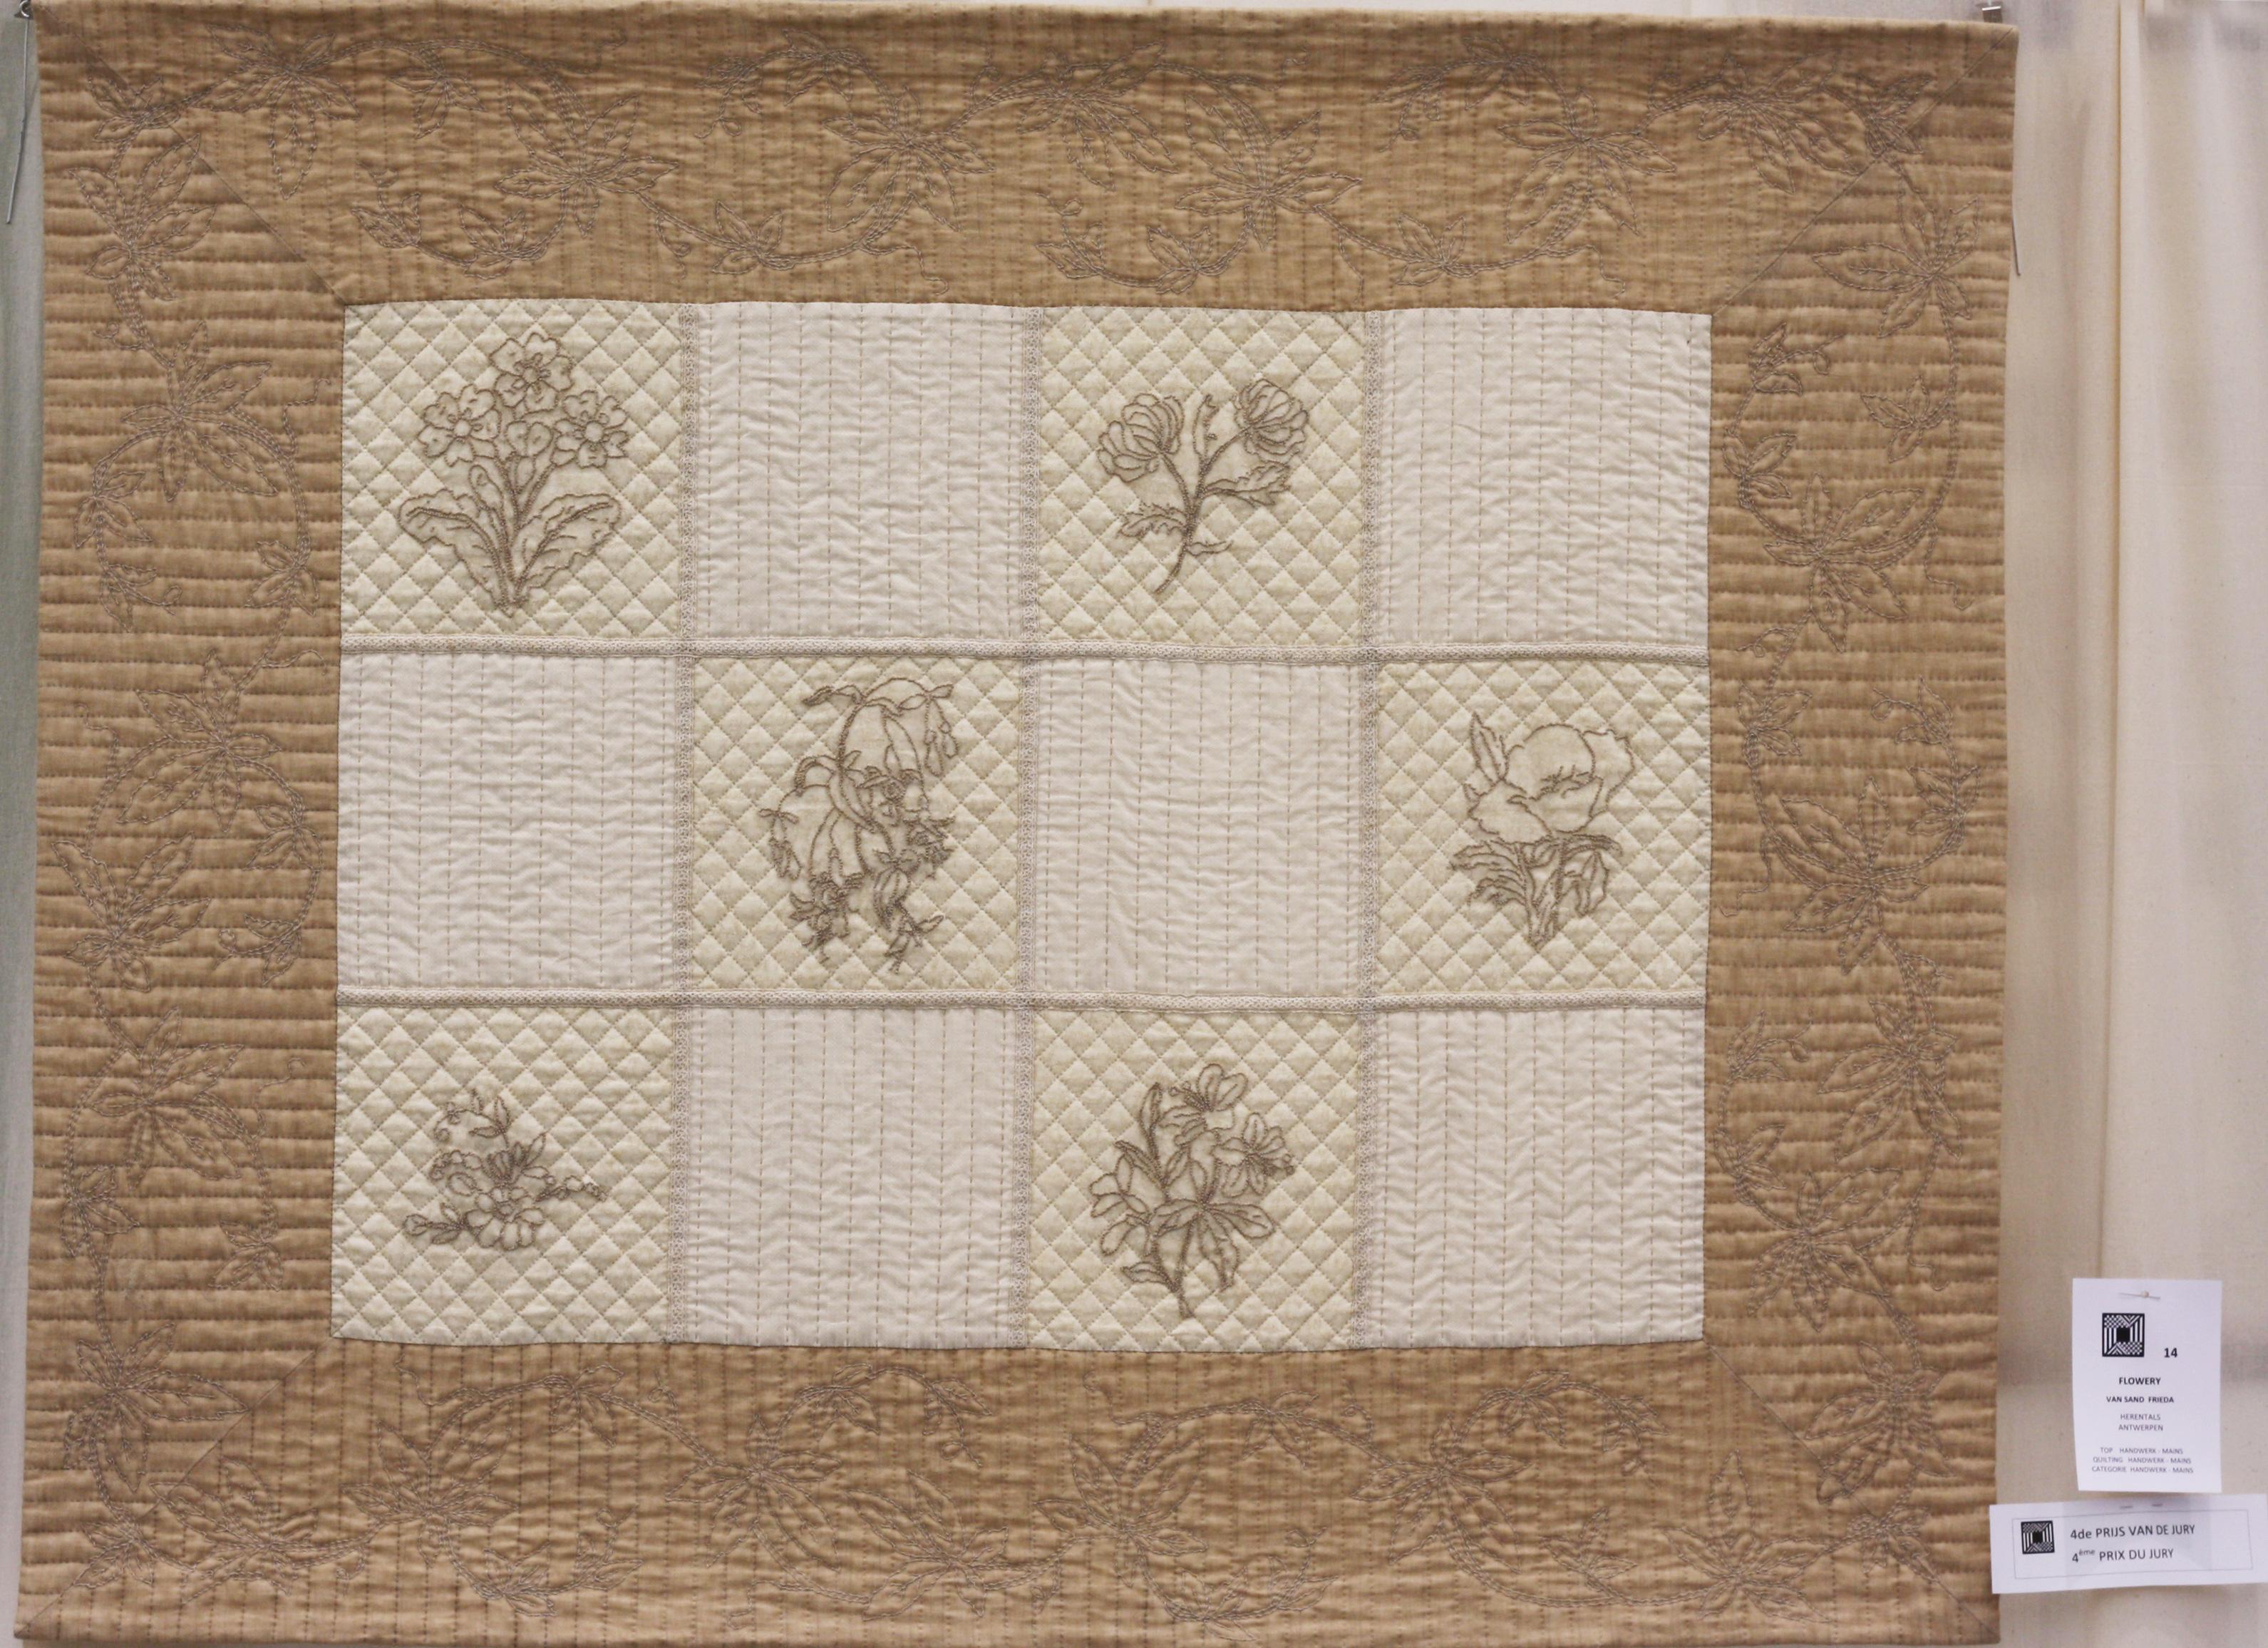 4    n°  14    87    Frieda Van Sand, Antwerpen, Flowery, 139 cm x 114 cm